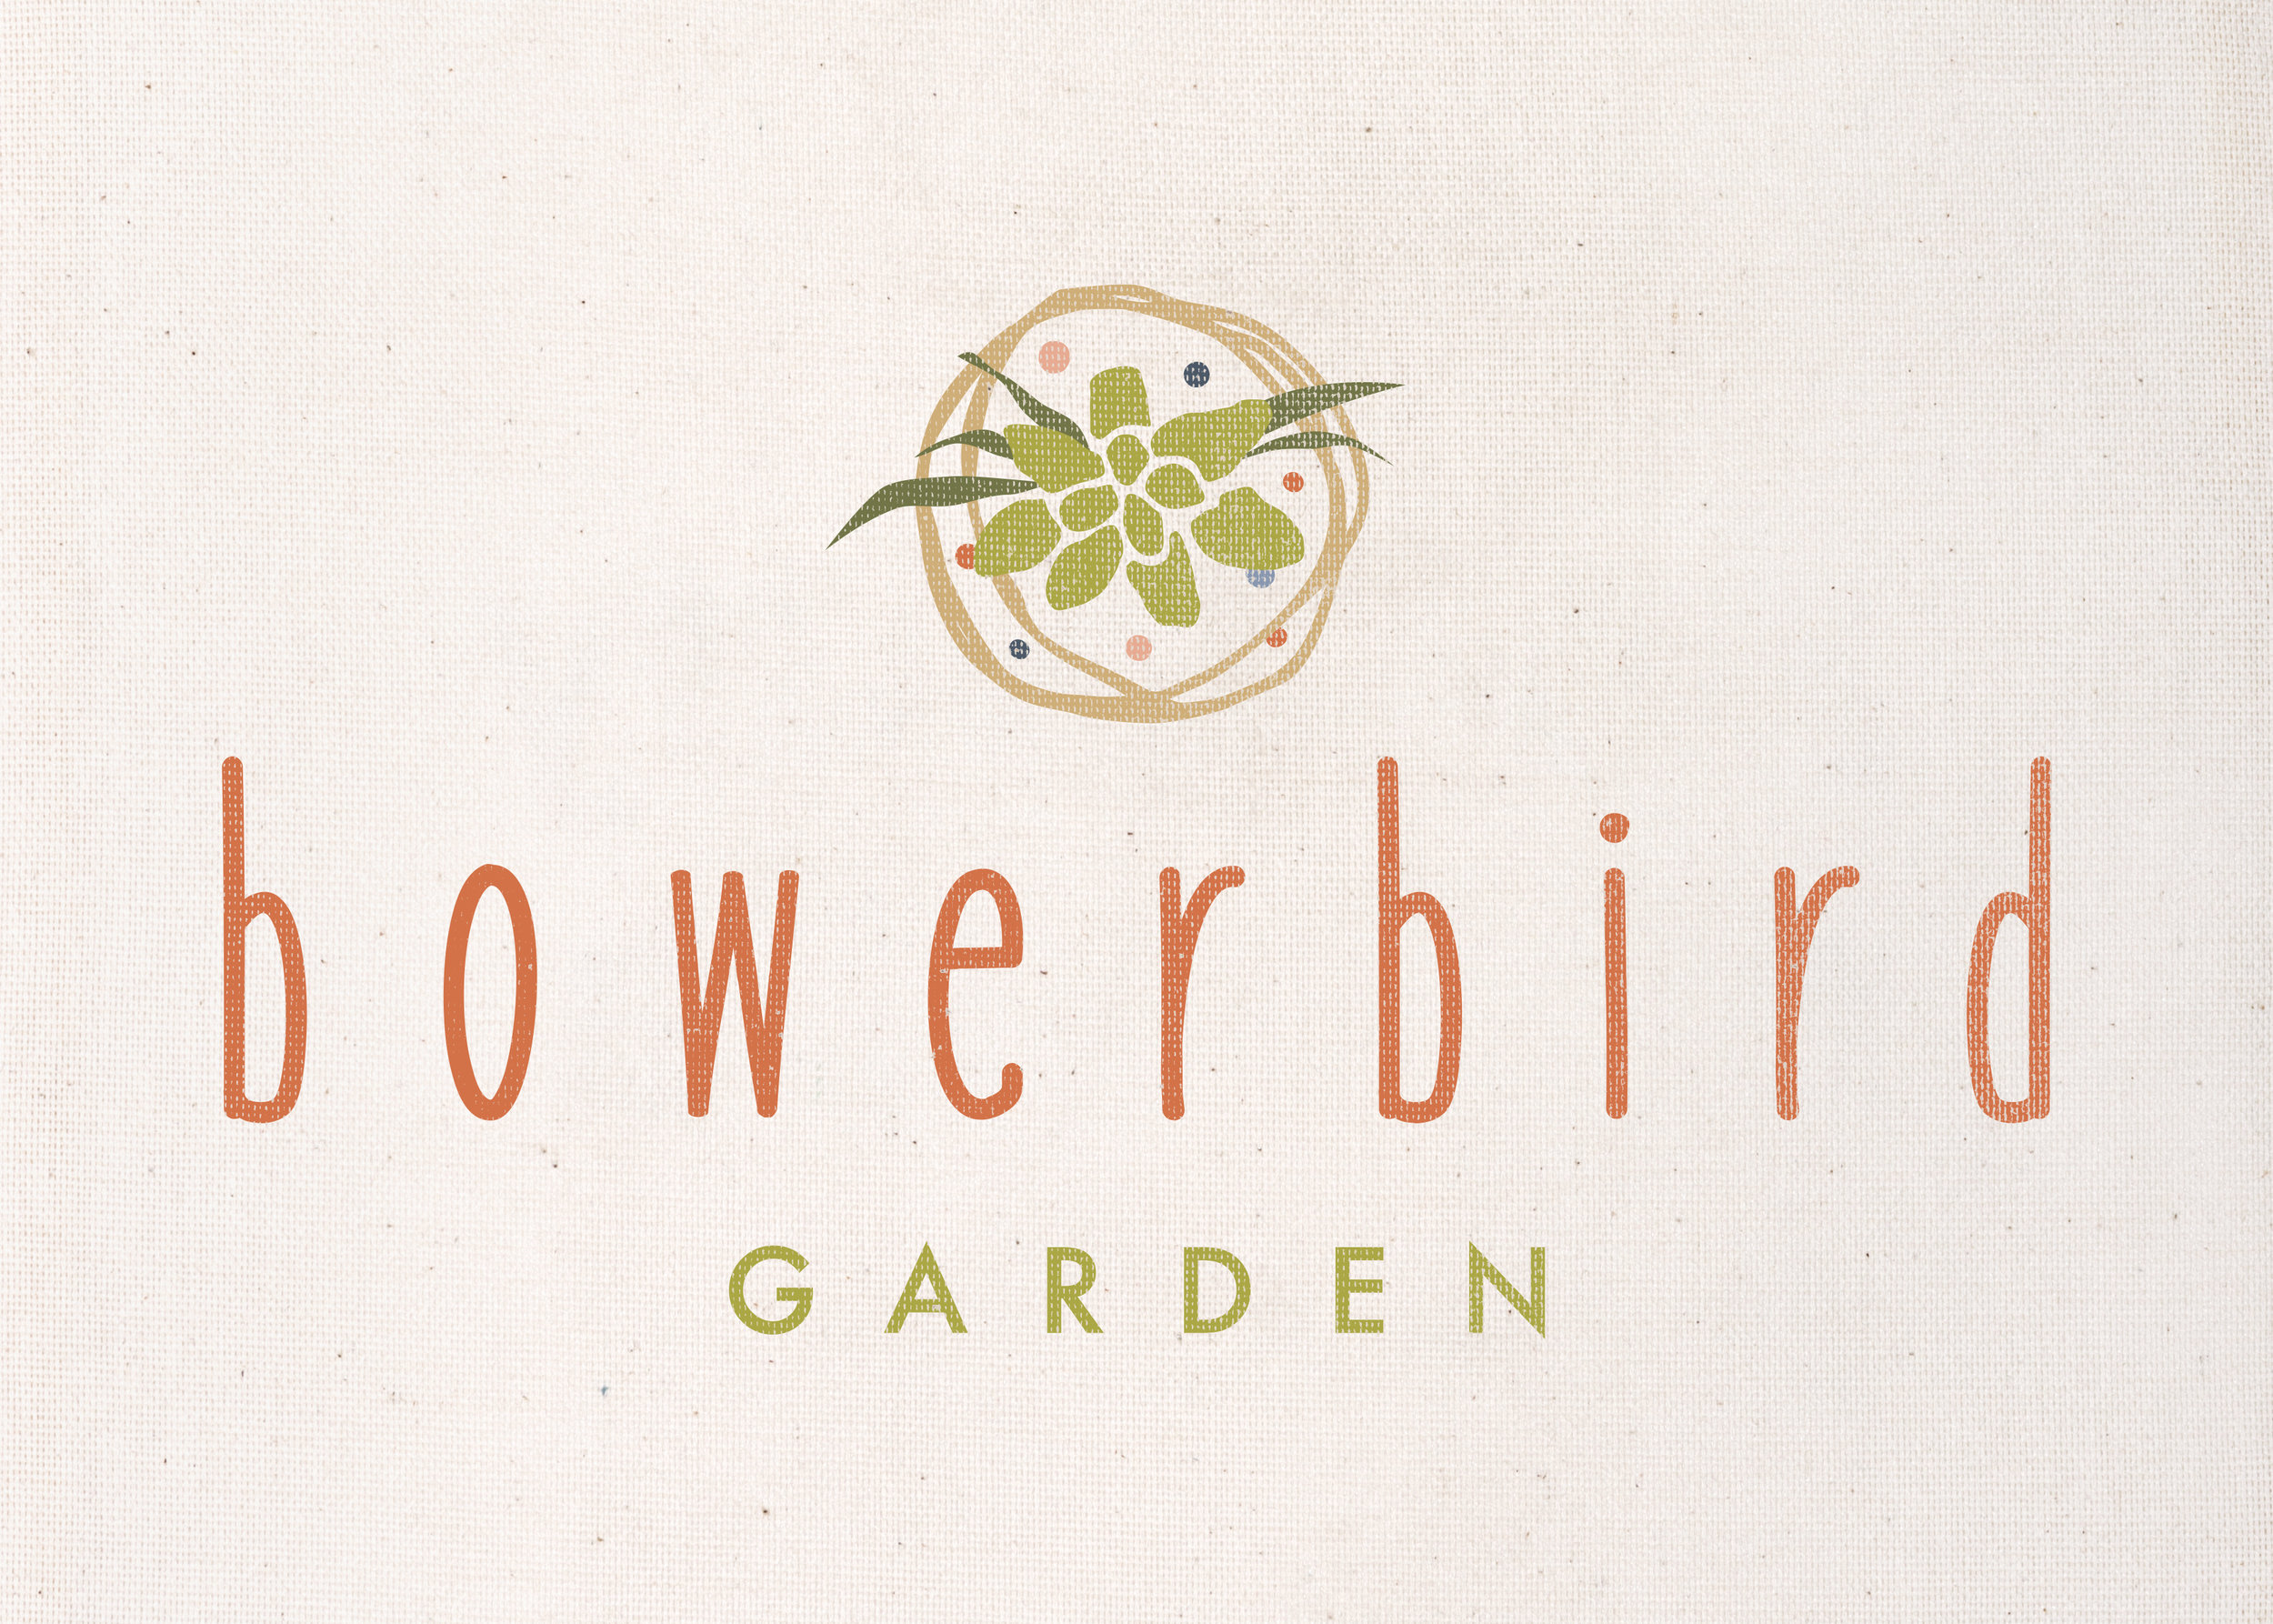 bowerbird garden logo